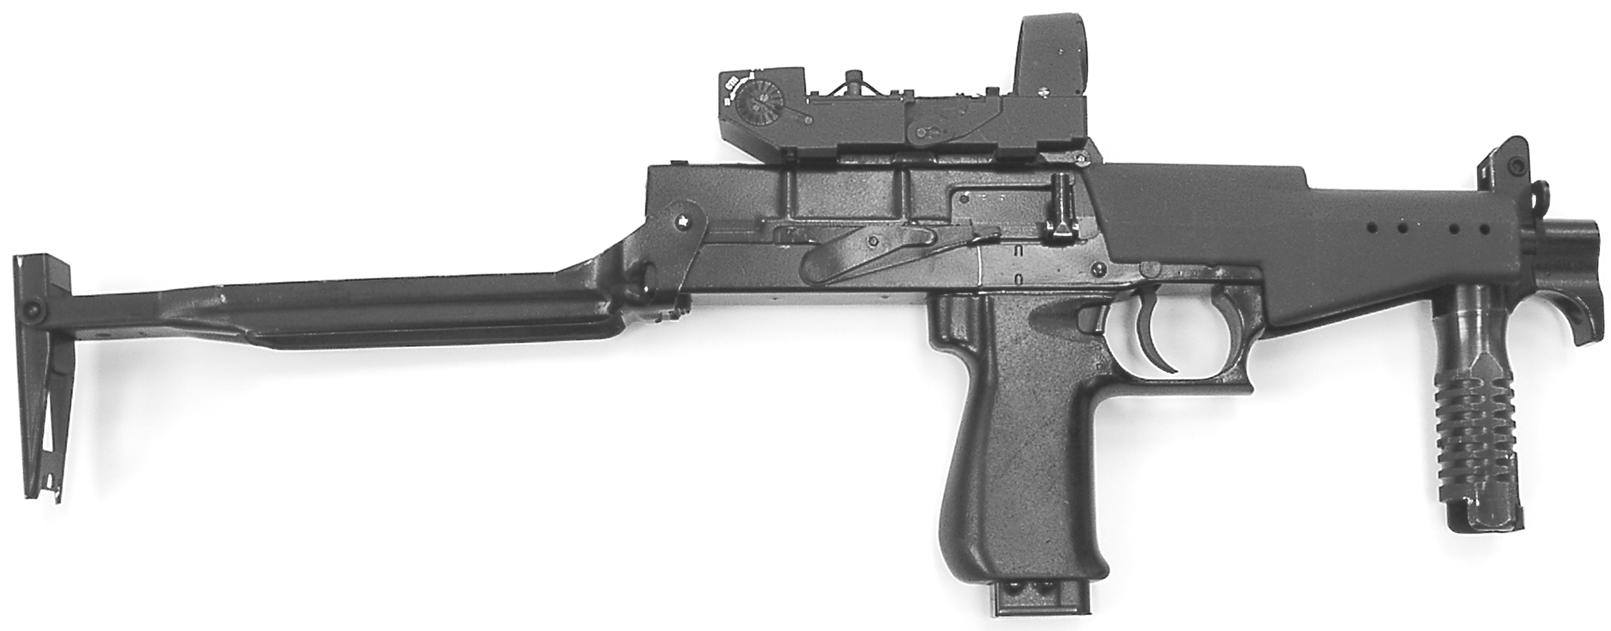 Рисунок 1.4 - Пистолет-пулемет СР2М с коллиматорным прицелом и разложенными прикладом и передней рукояткой